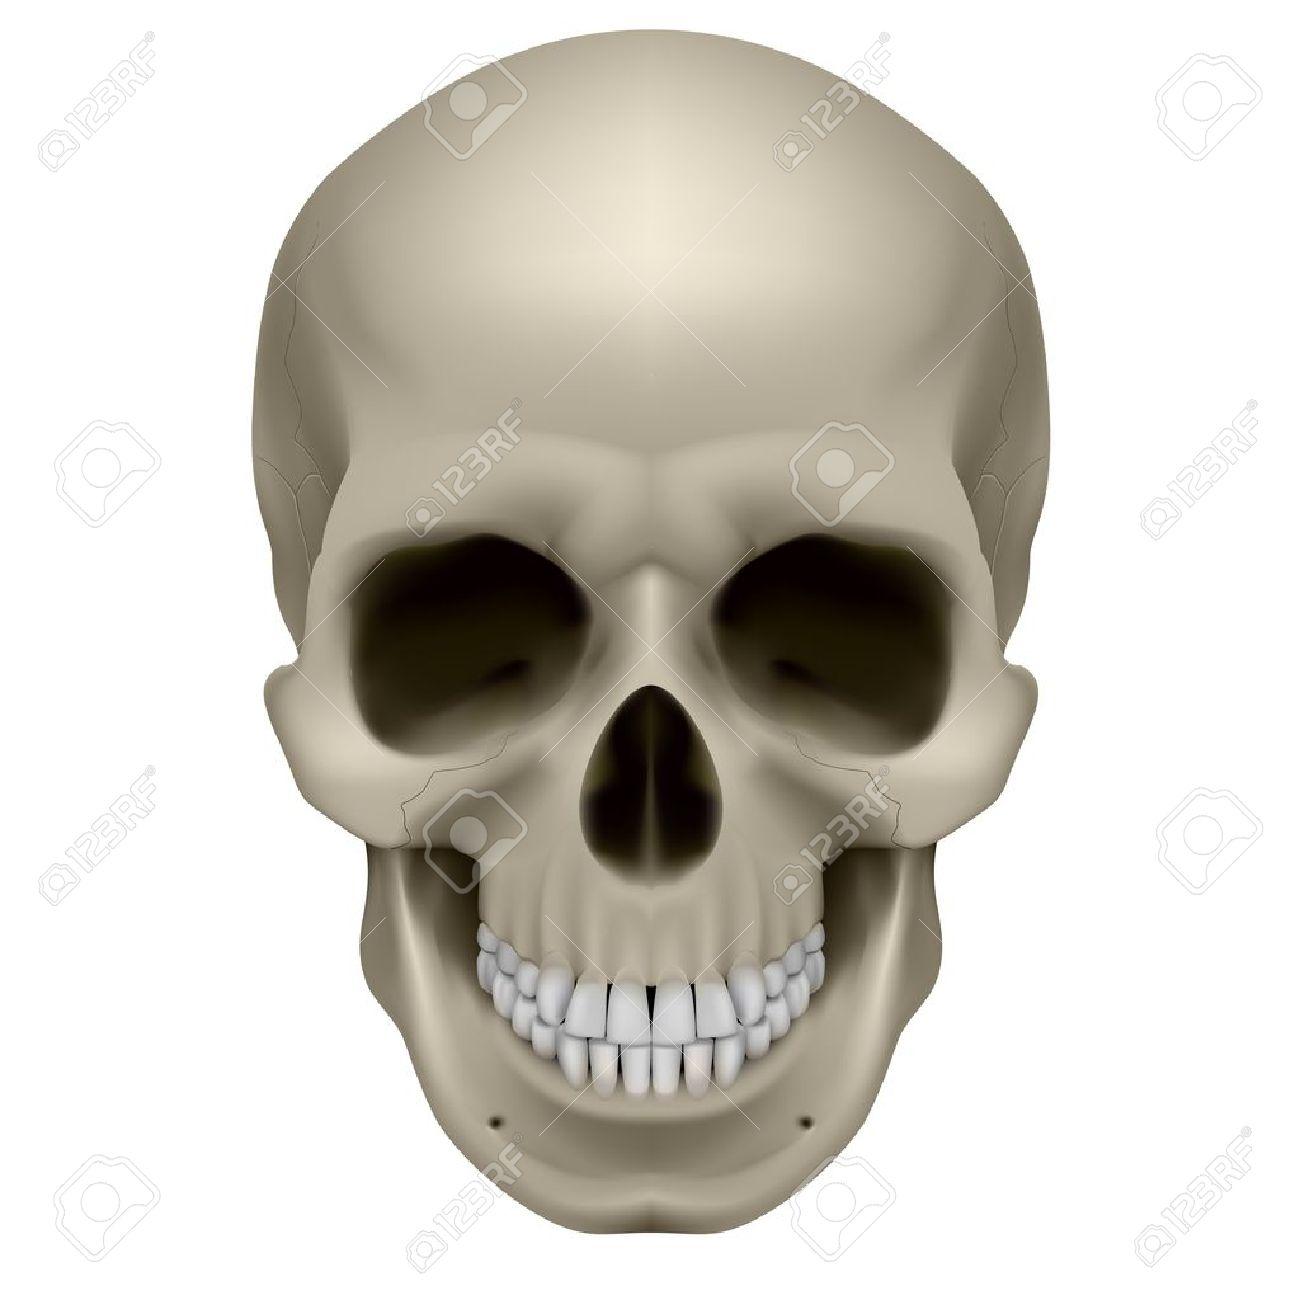 human skull, front view. digital illustration on white royalty, Skeleton